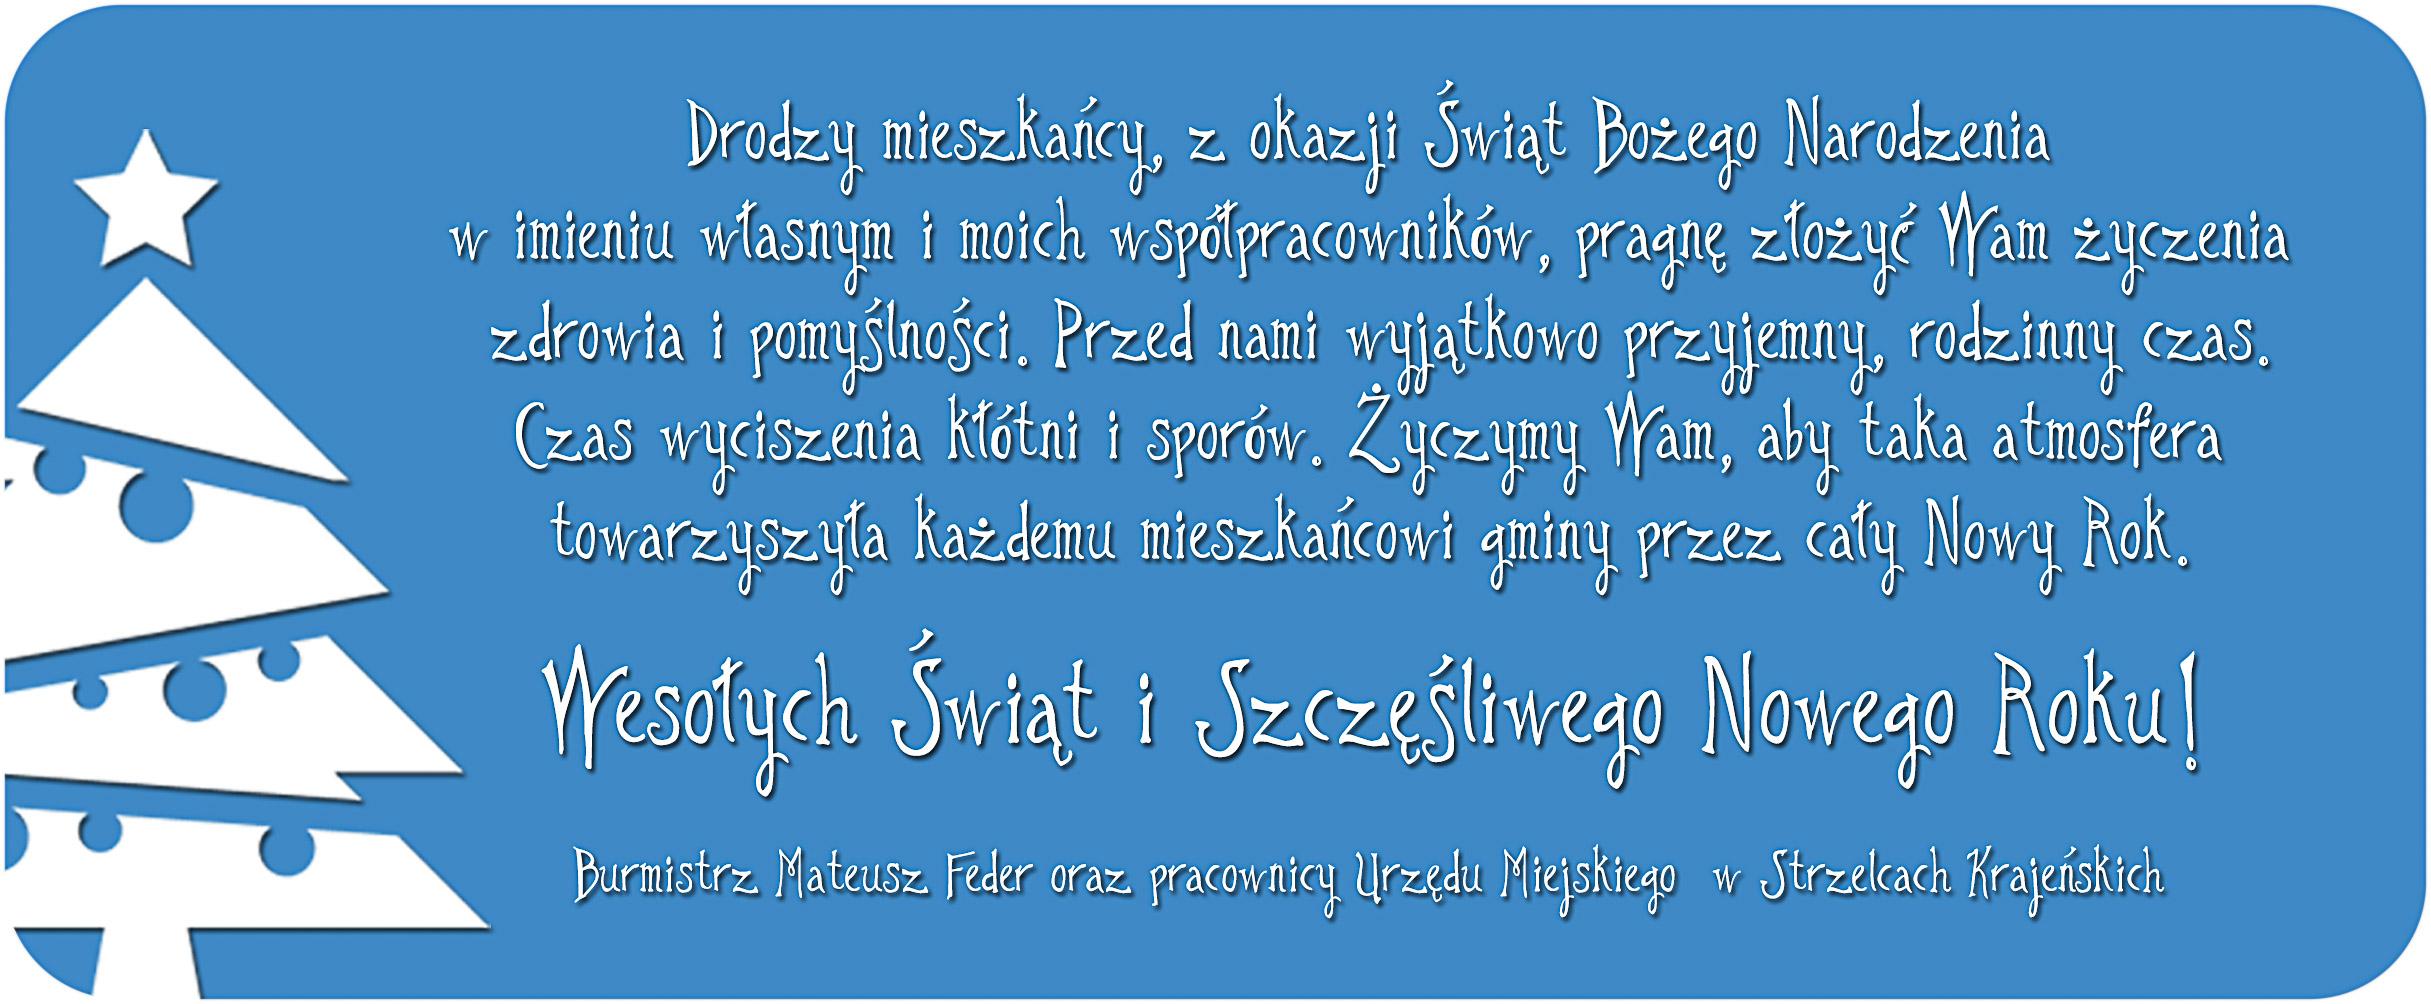 zyczenia_burmistrz_prac